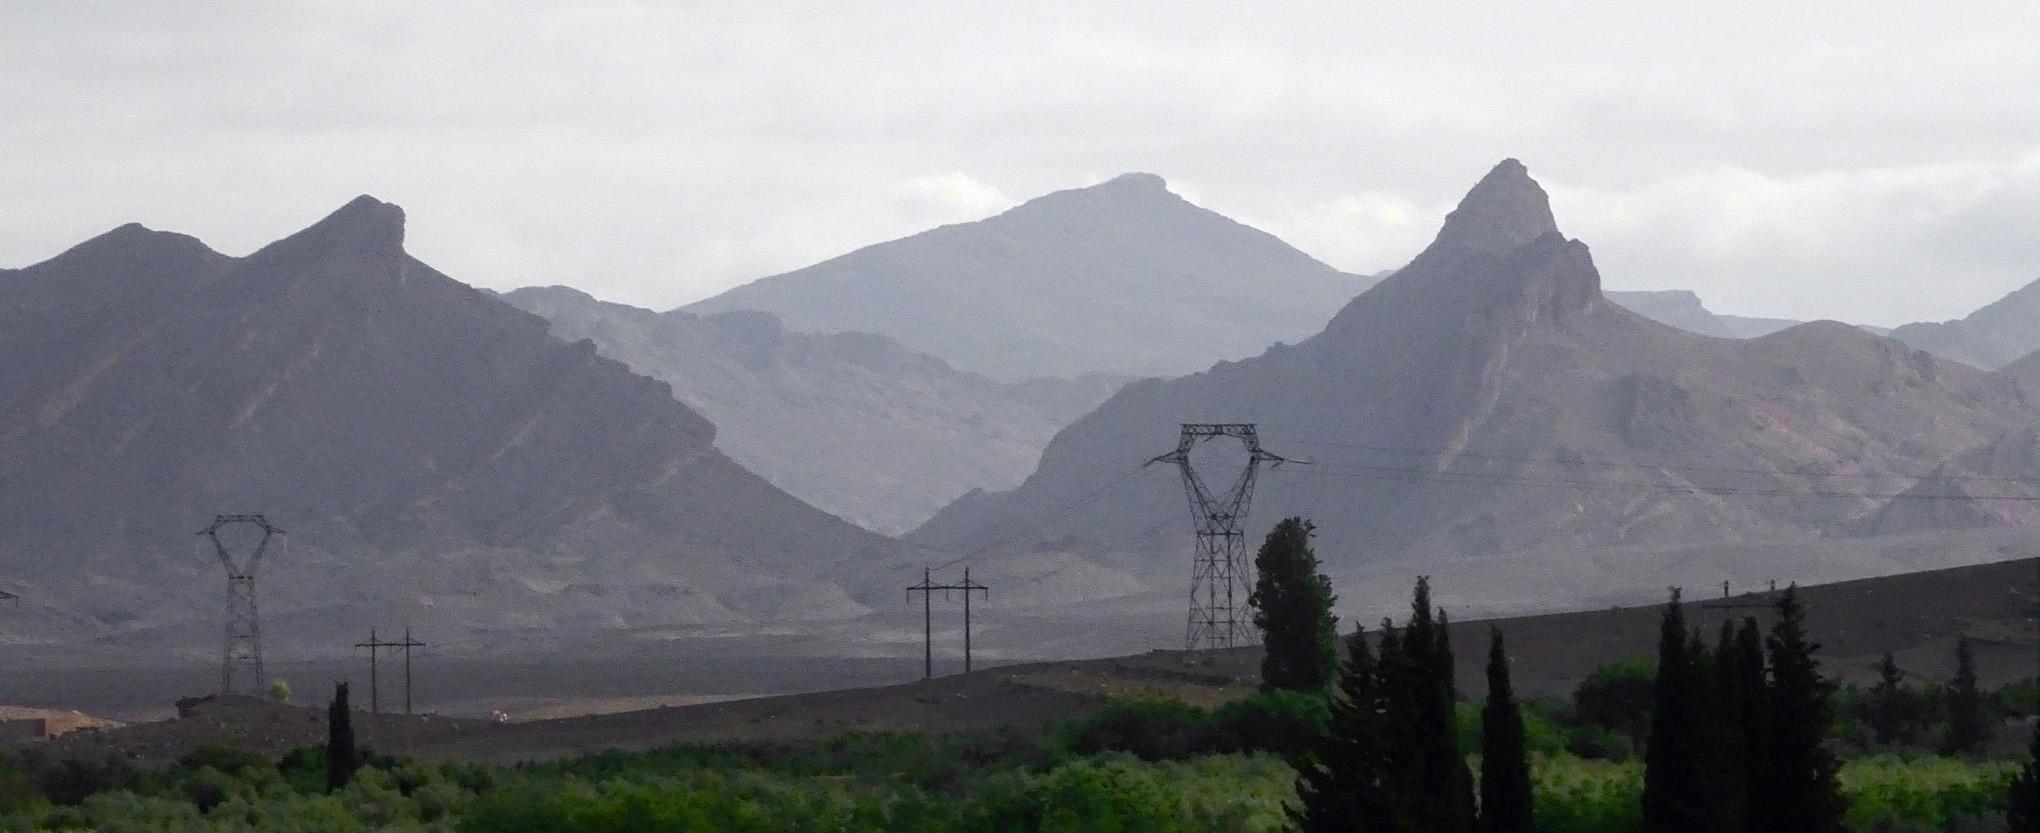 Ziz Valley & Gorges - 14 DSC06730